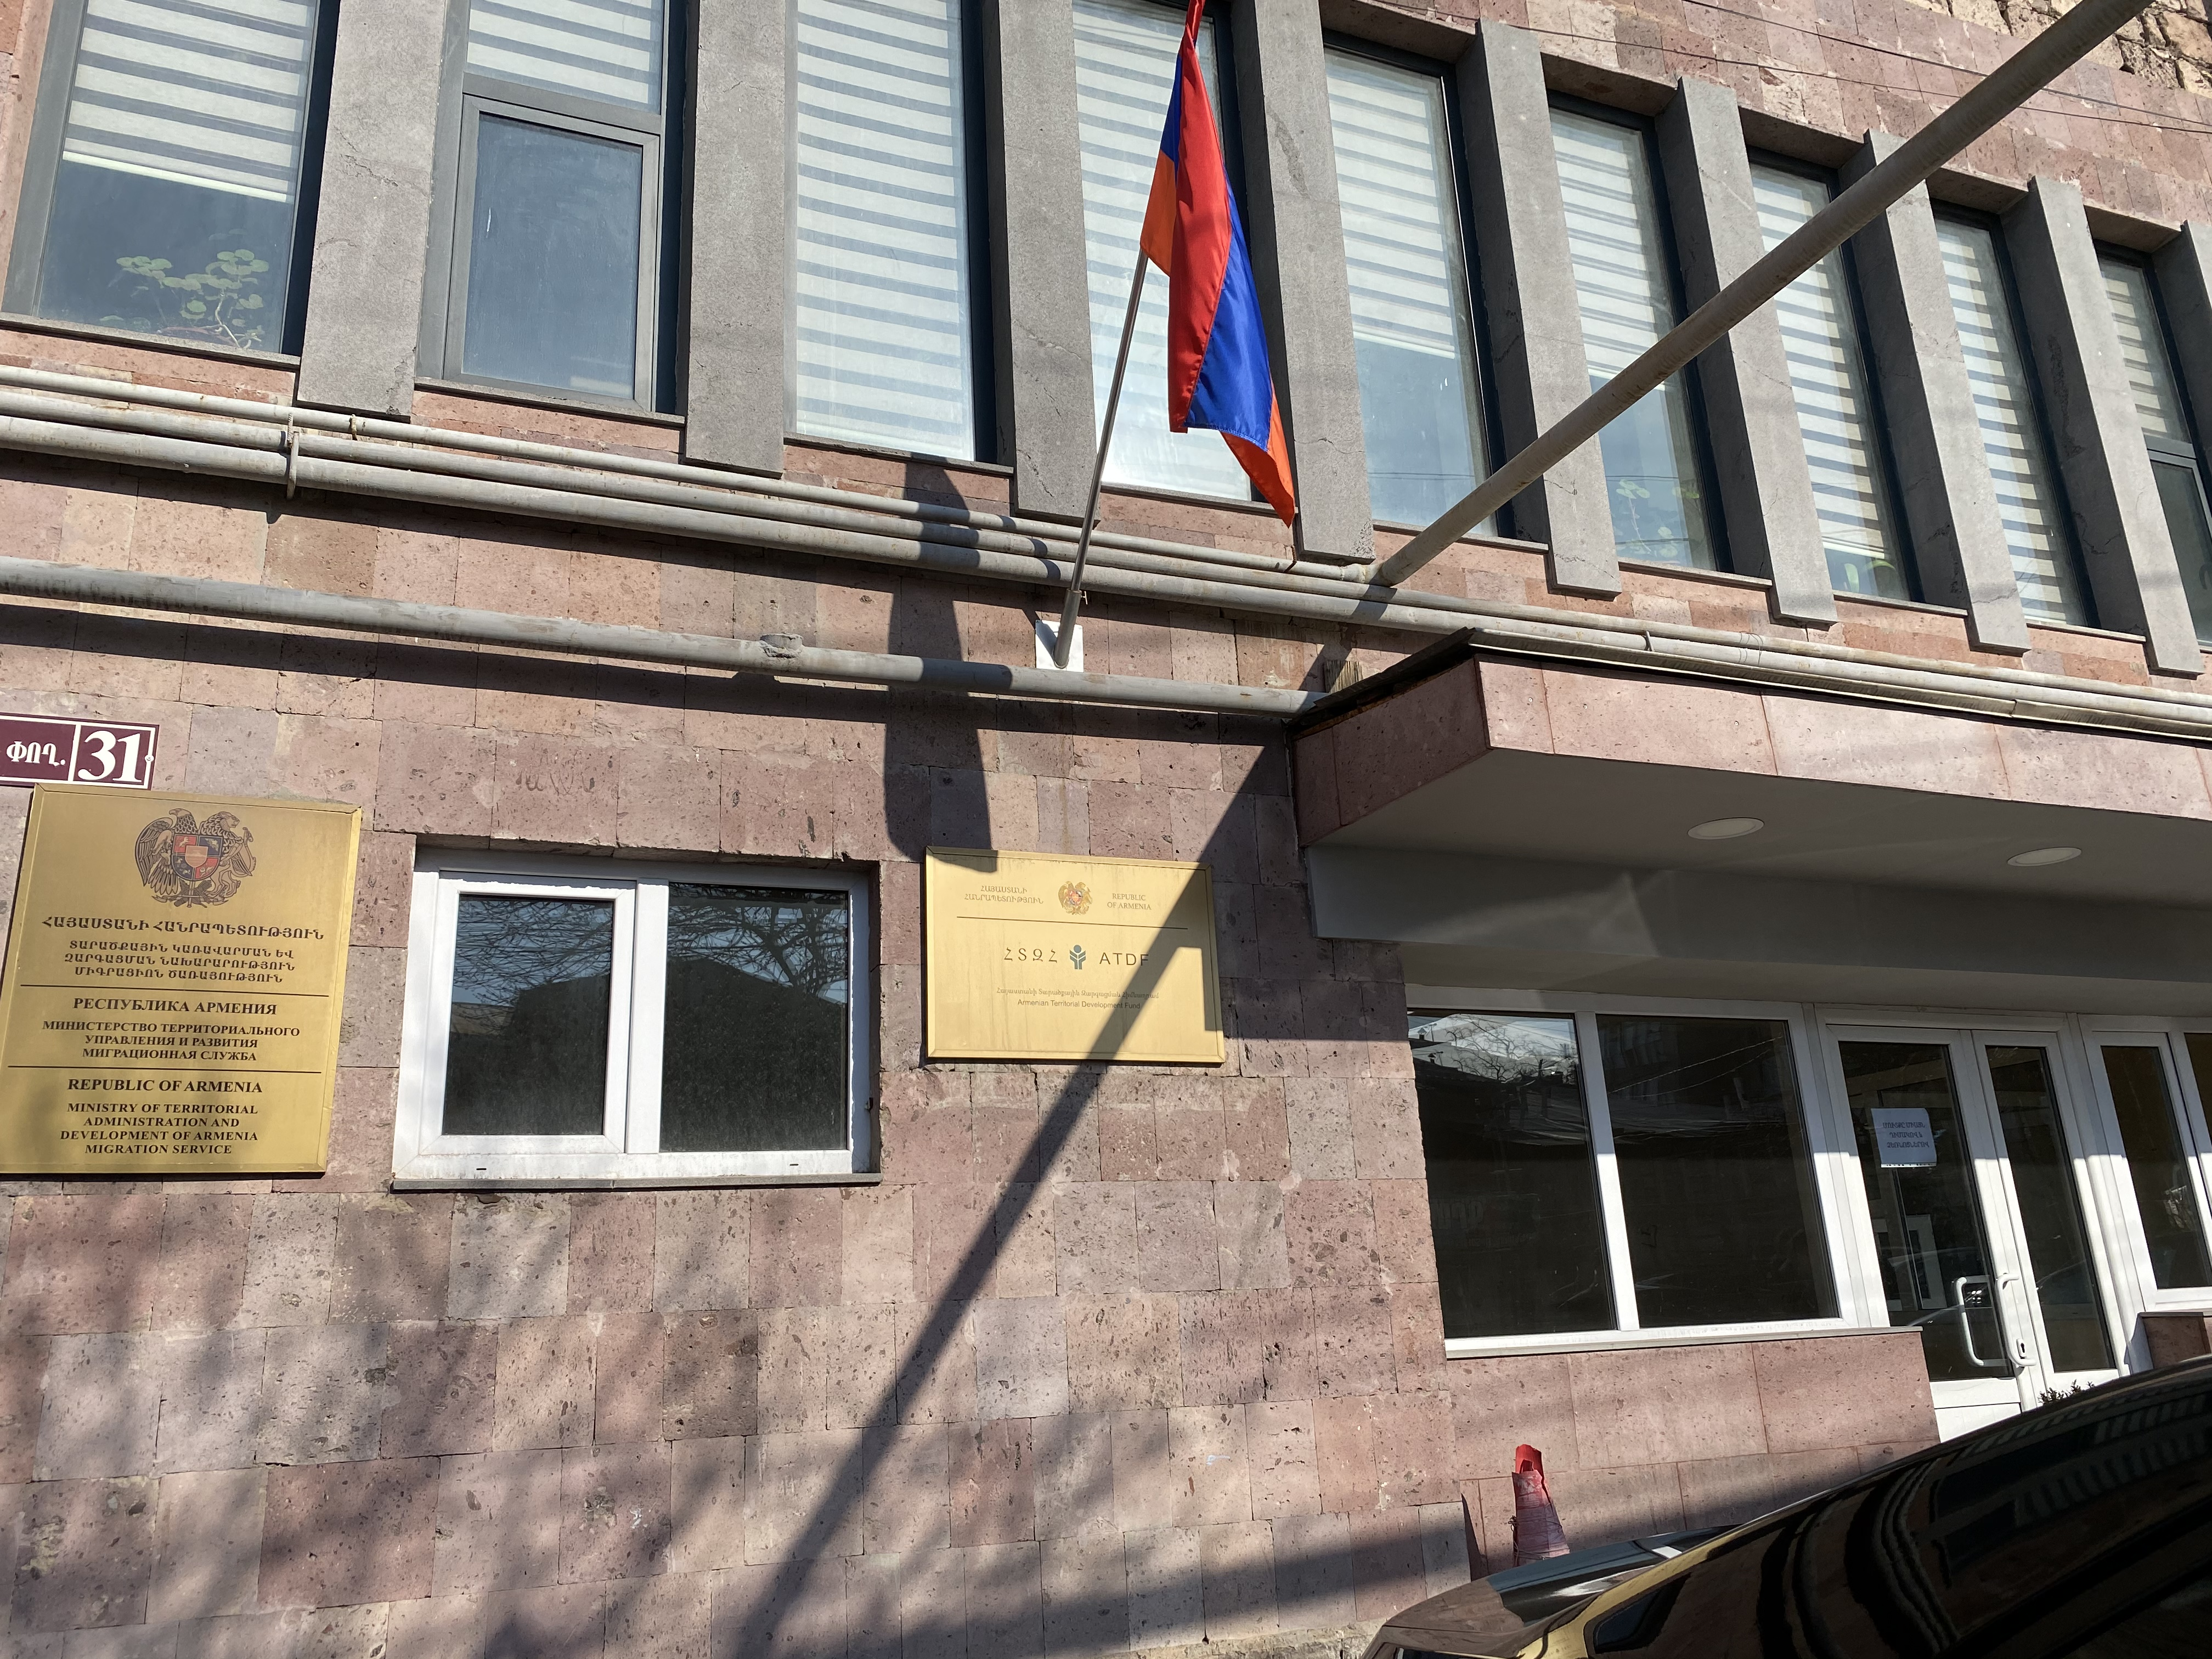 Հայաստանի Միգրացիոն ծառայության շենքը։